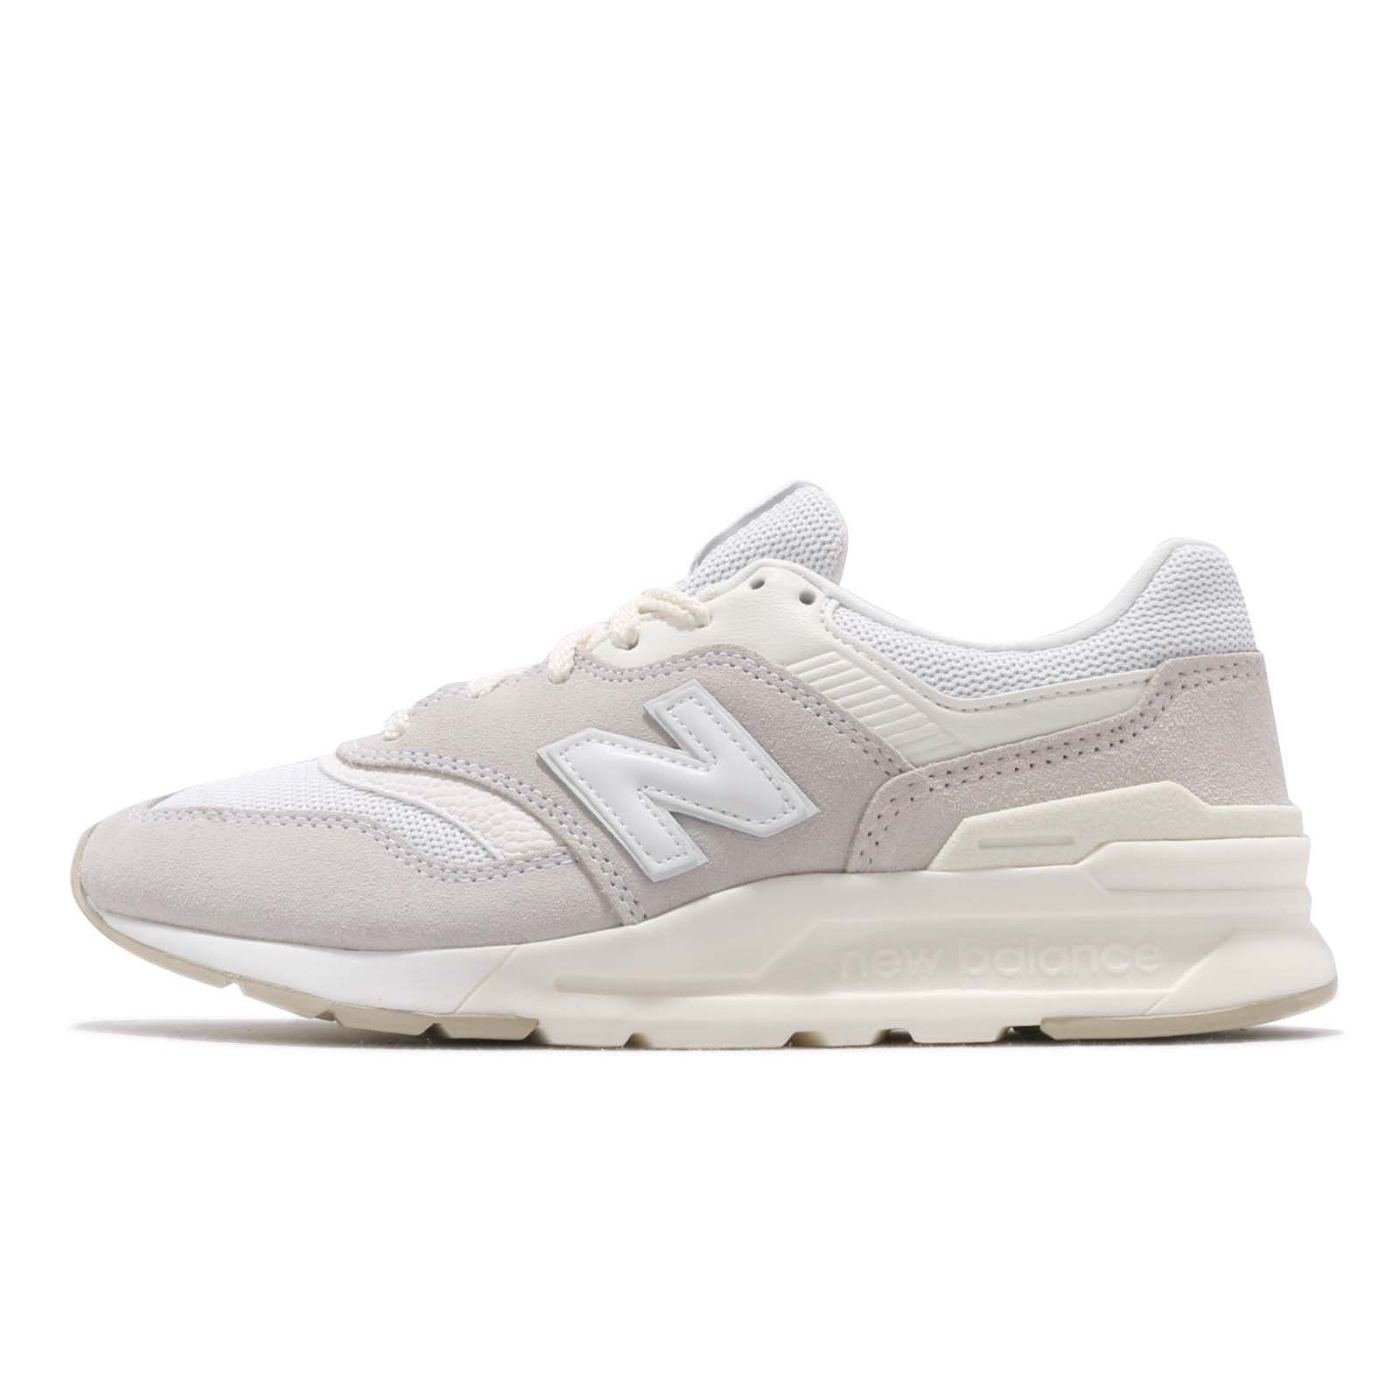 New Balance 休閒鞋 CM997HCBD 男女鞋